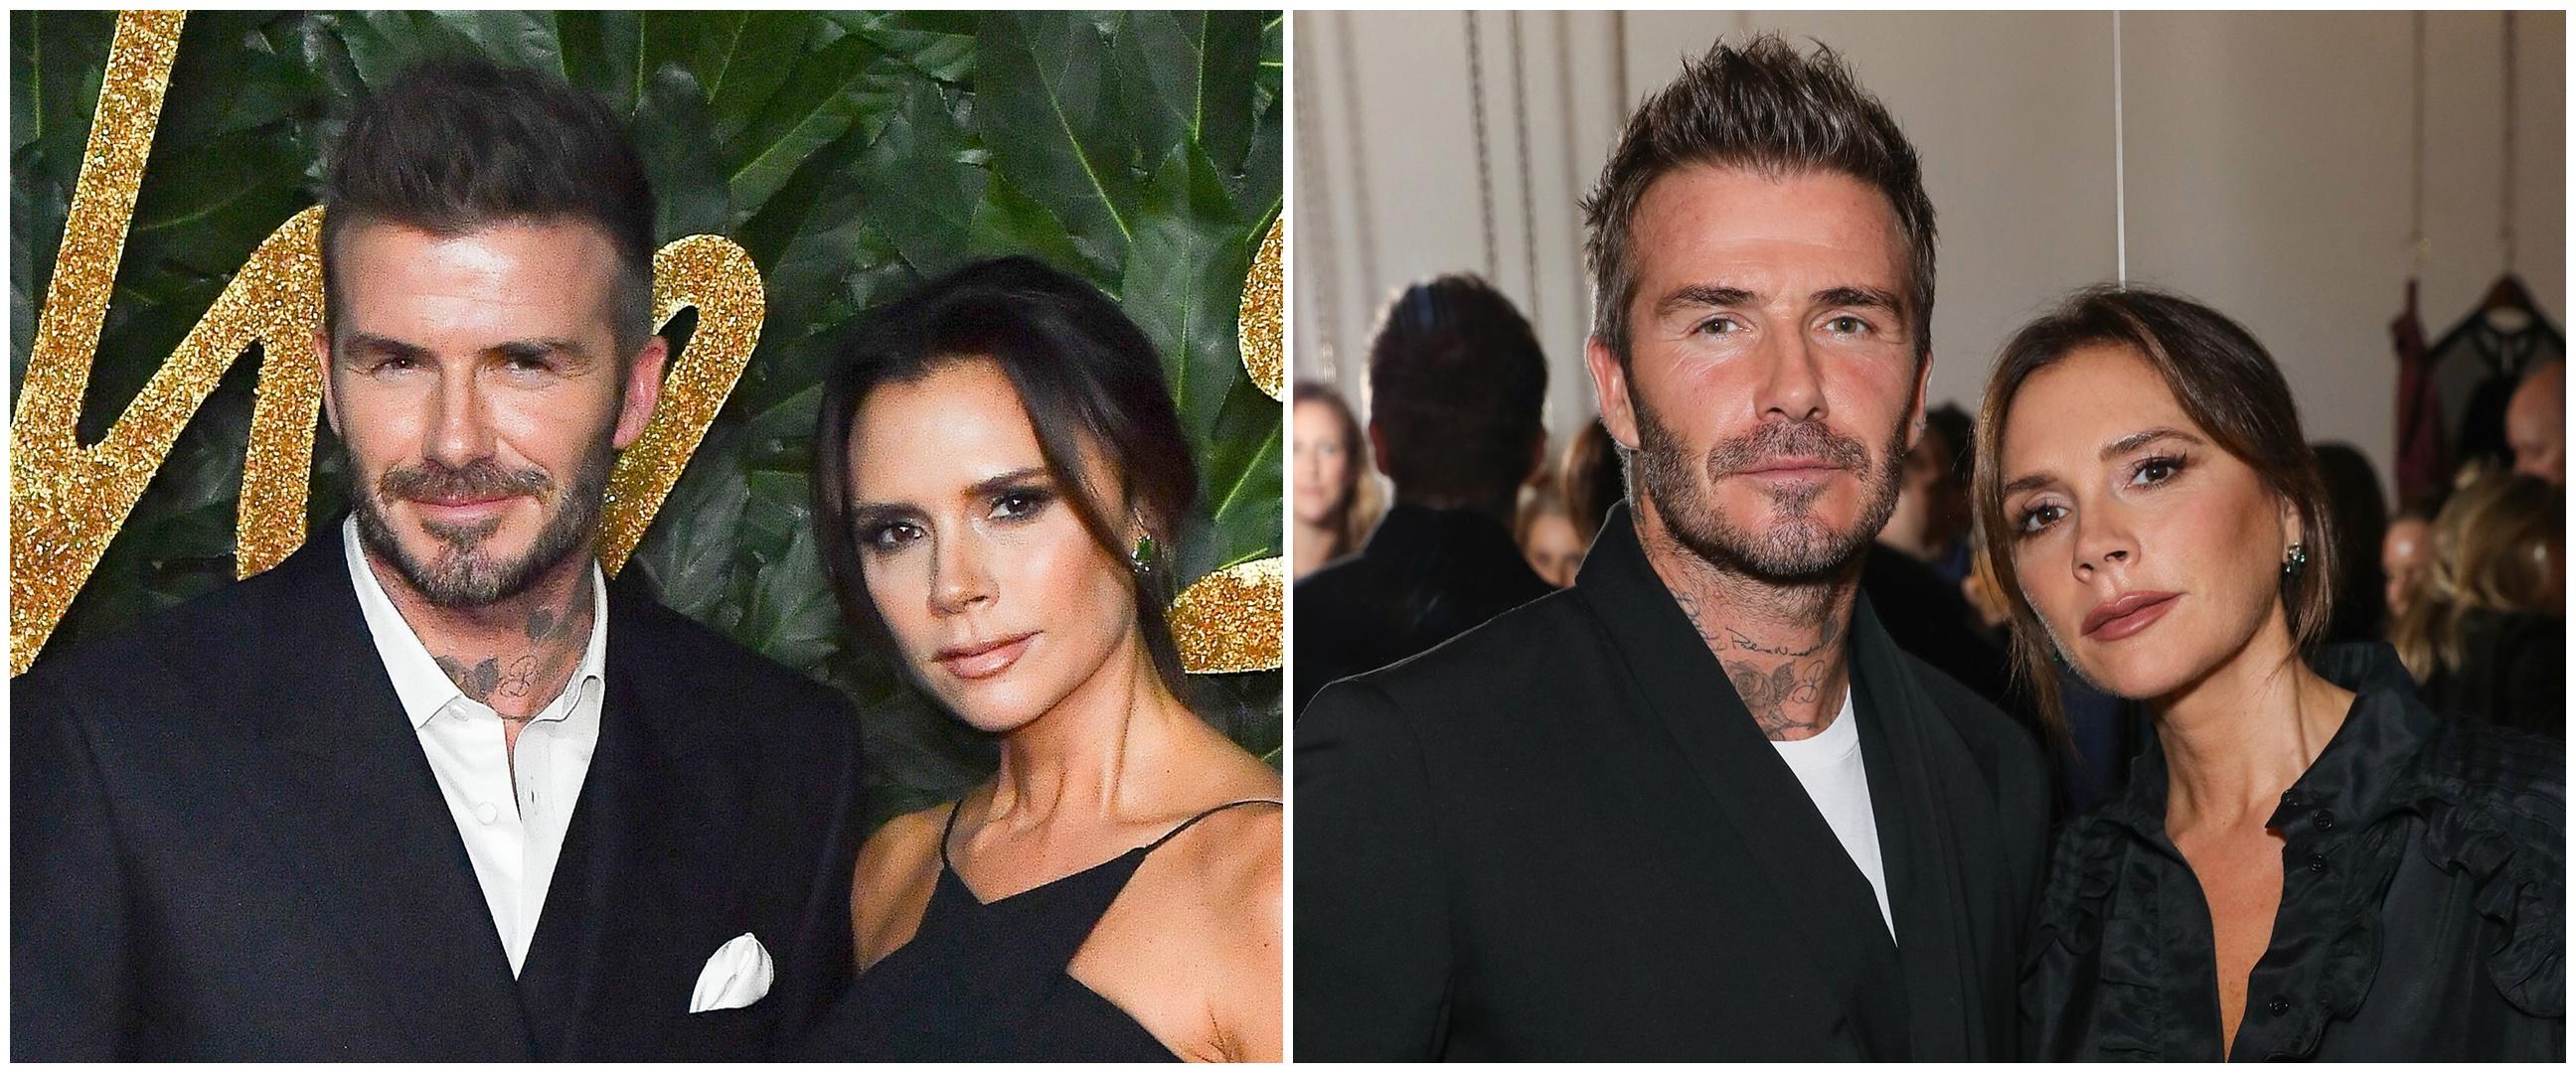 David Beckham dan istri positif Covid-19 usai pesta di Los Angeles